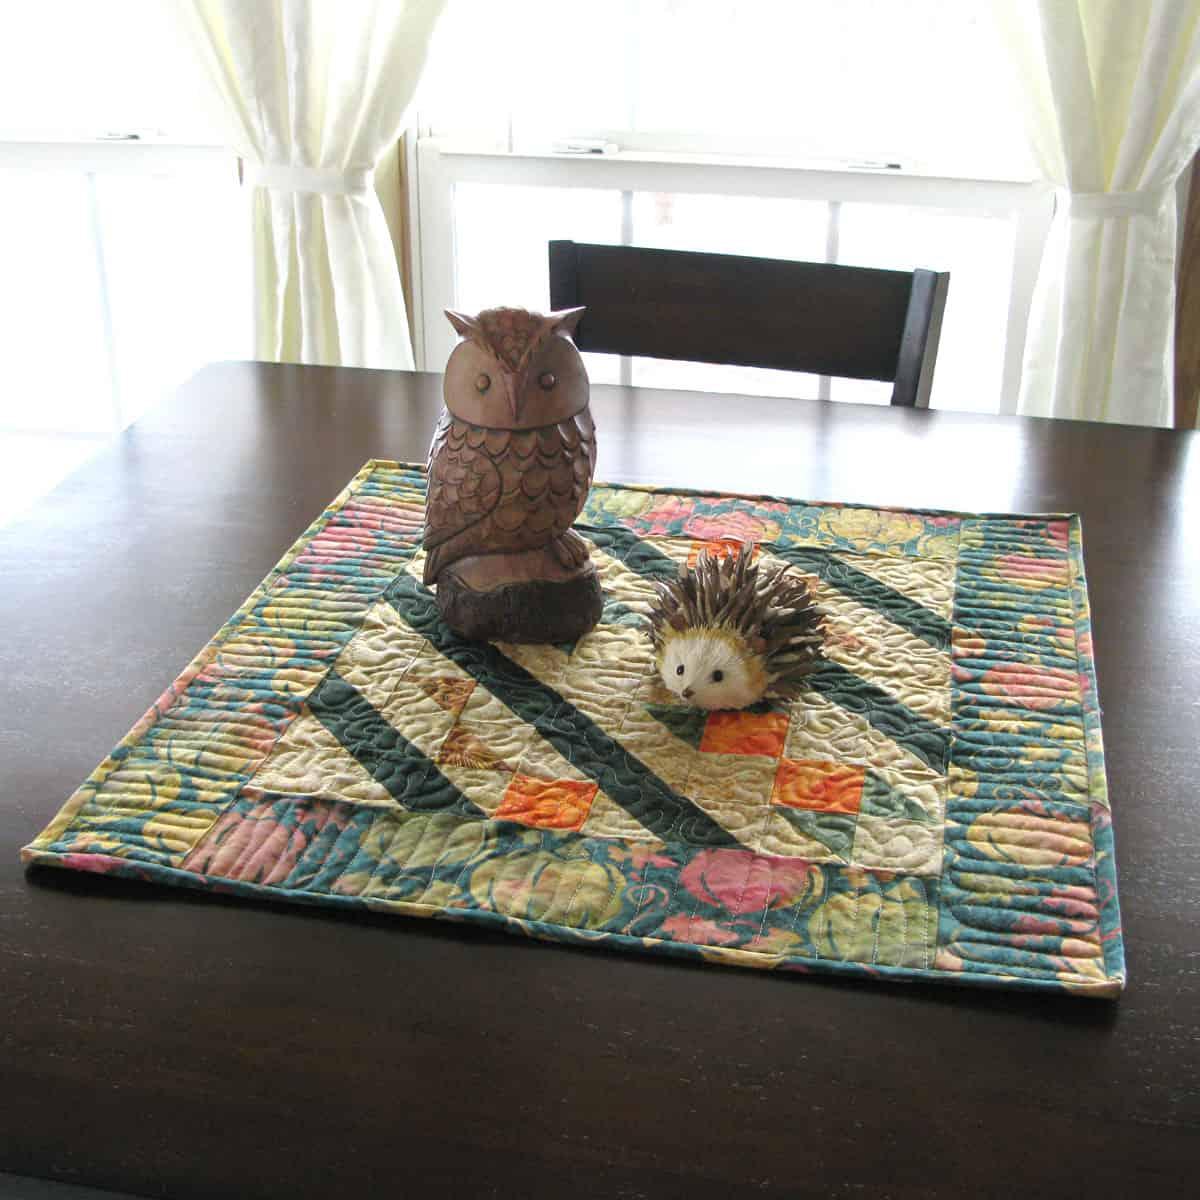 Arrowhead table topper on table